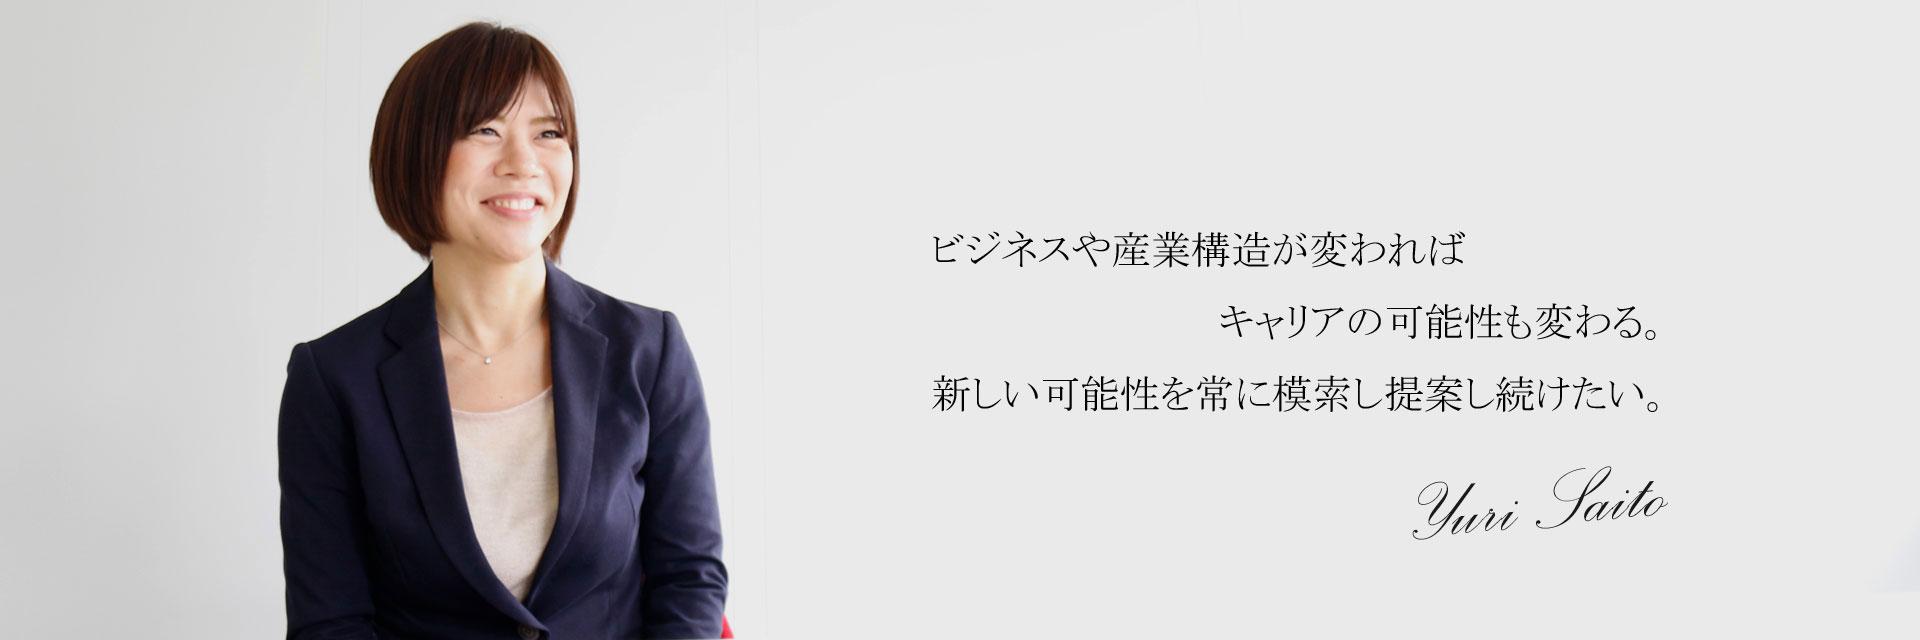 斉藤 由梨|キャリアアドバイザー紹介 - type転職エージェント ...